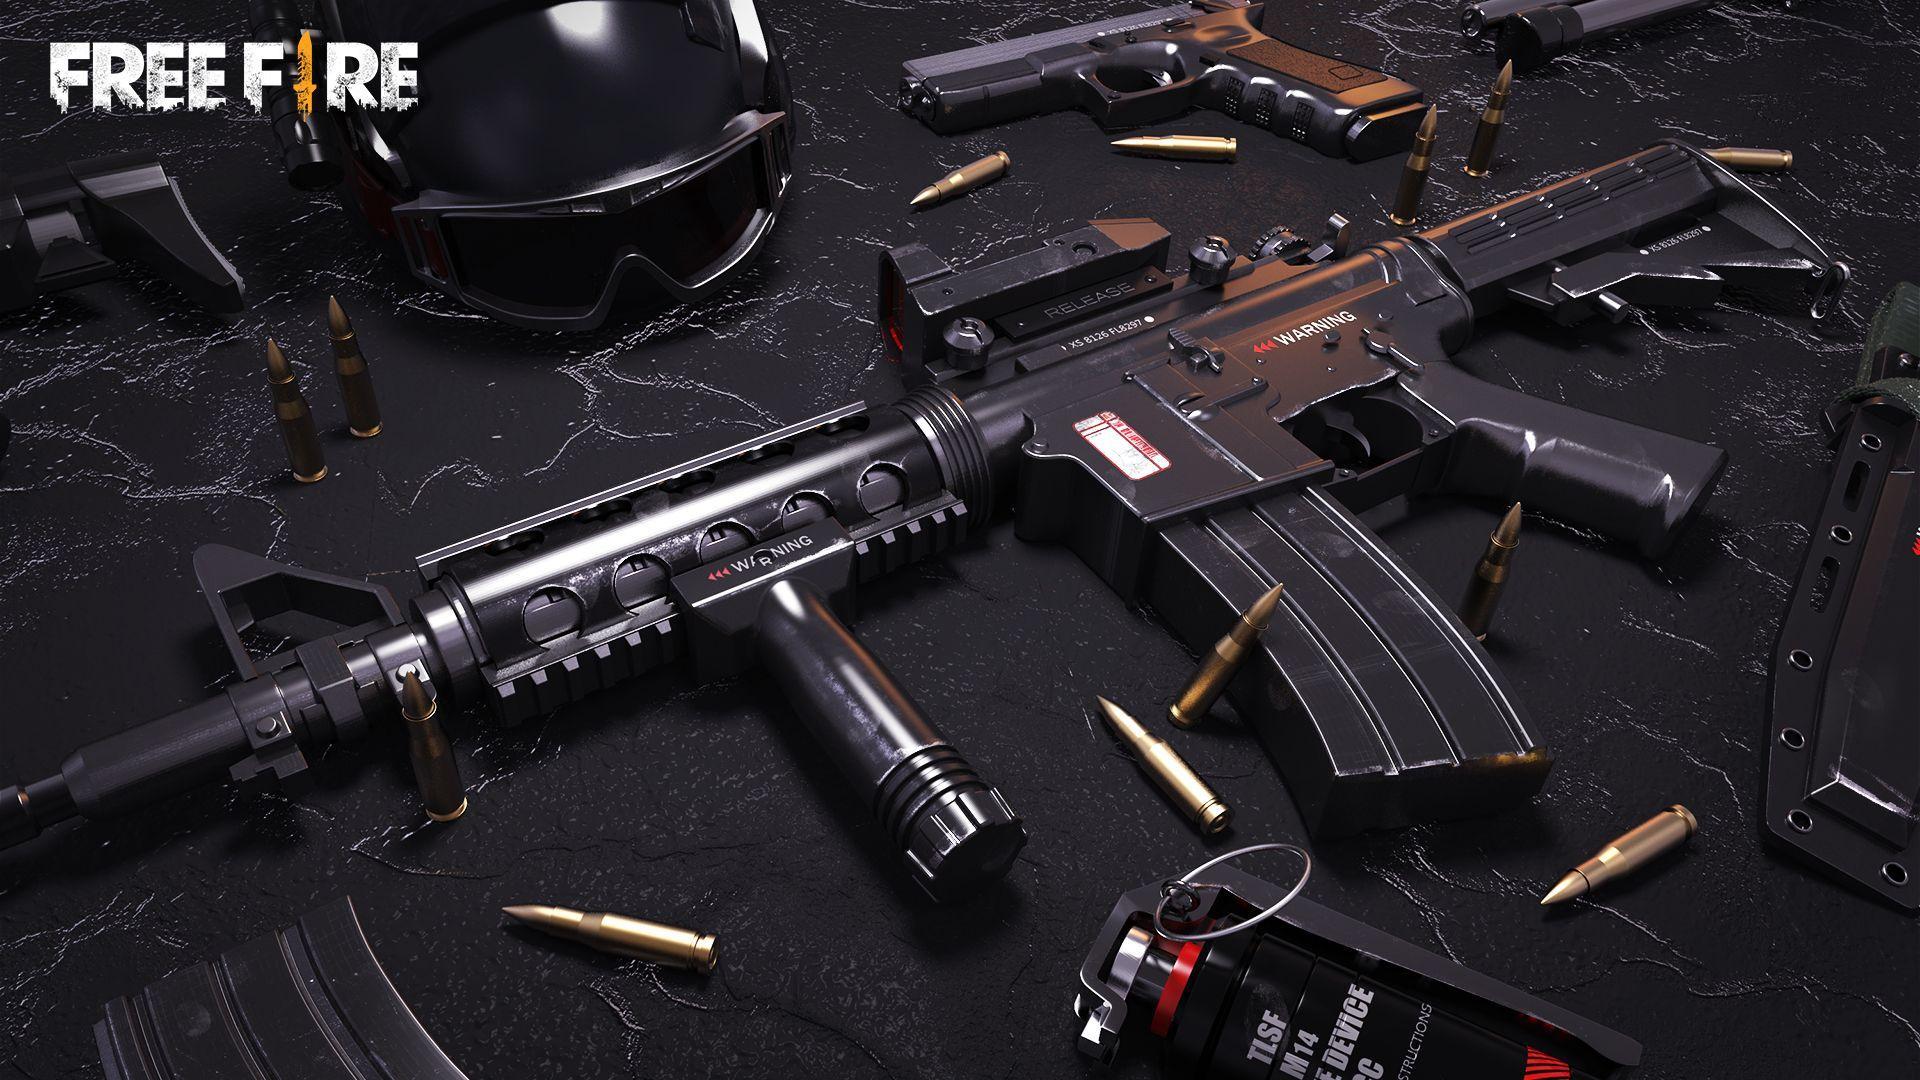 Bản cập nhật OB29 của Garena Free Fire: Nhân vật, vũ khí và phương tiện mới